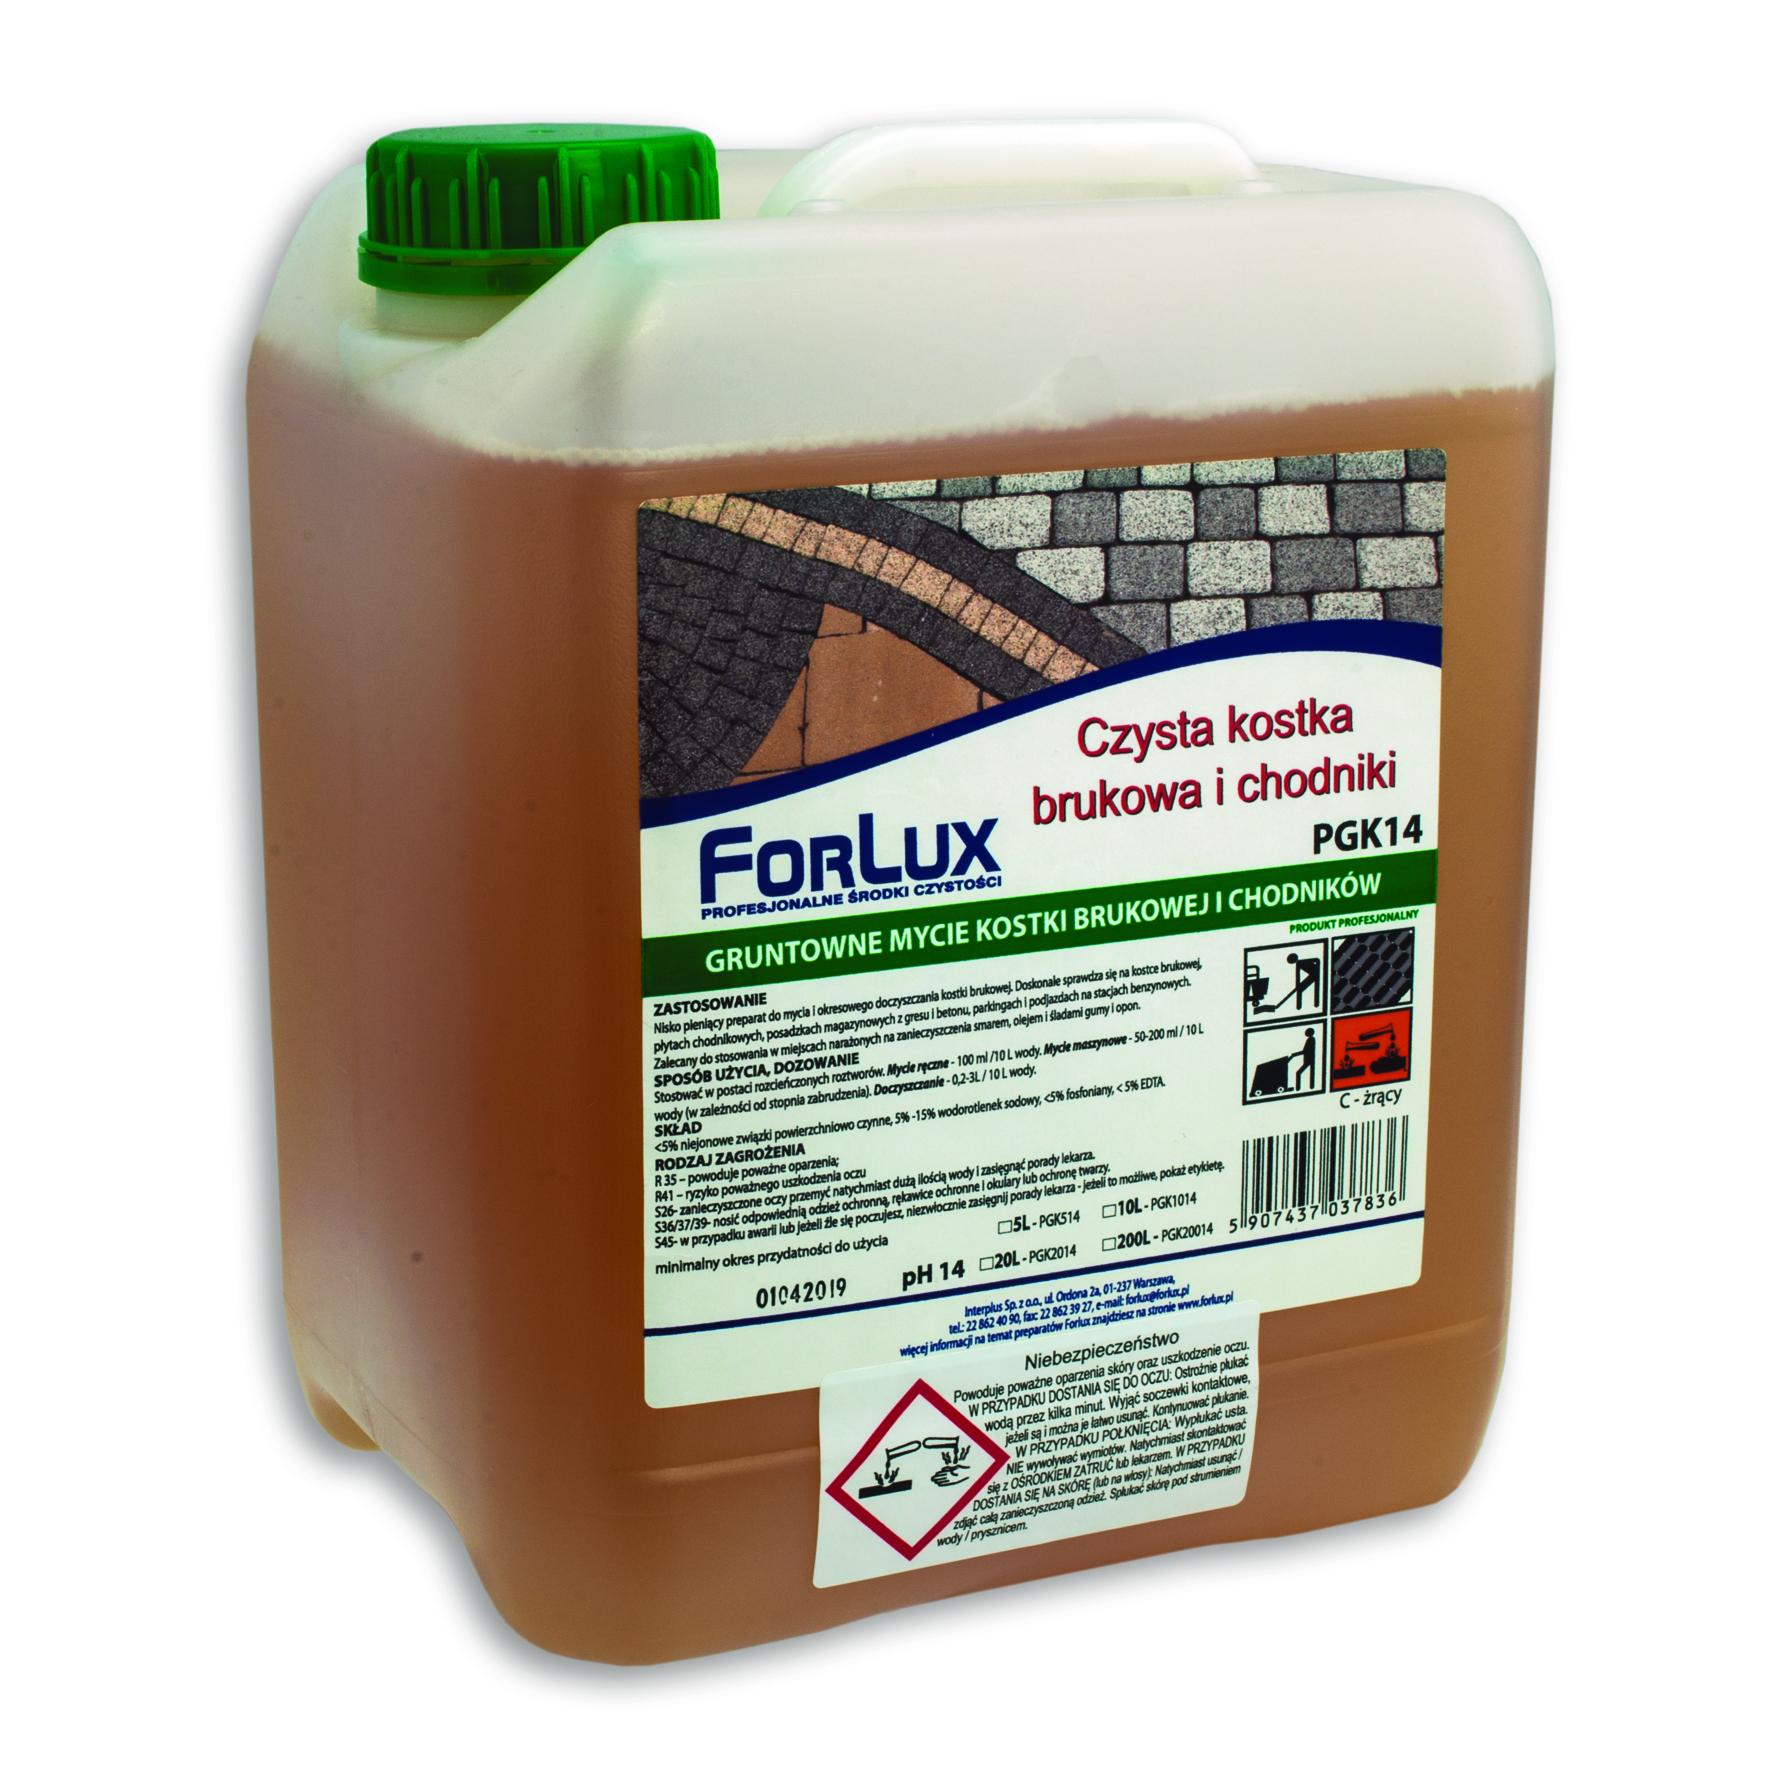 FORLUX PGK 514 Czyszczenie kostki brukowej